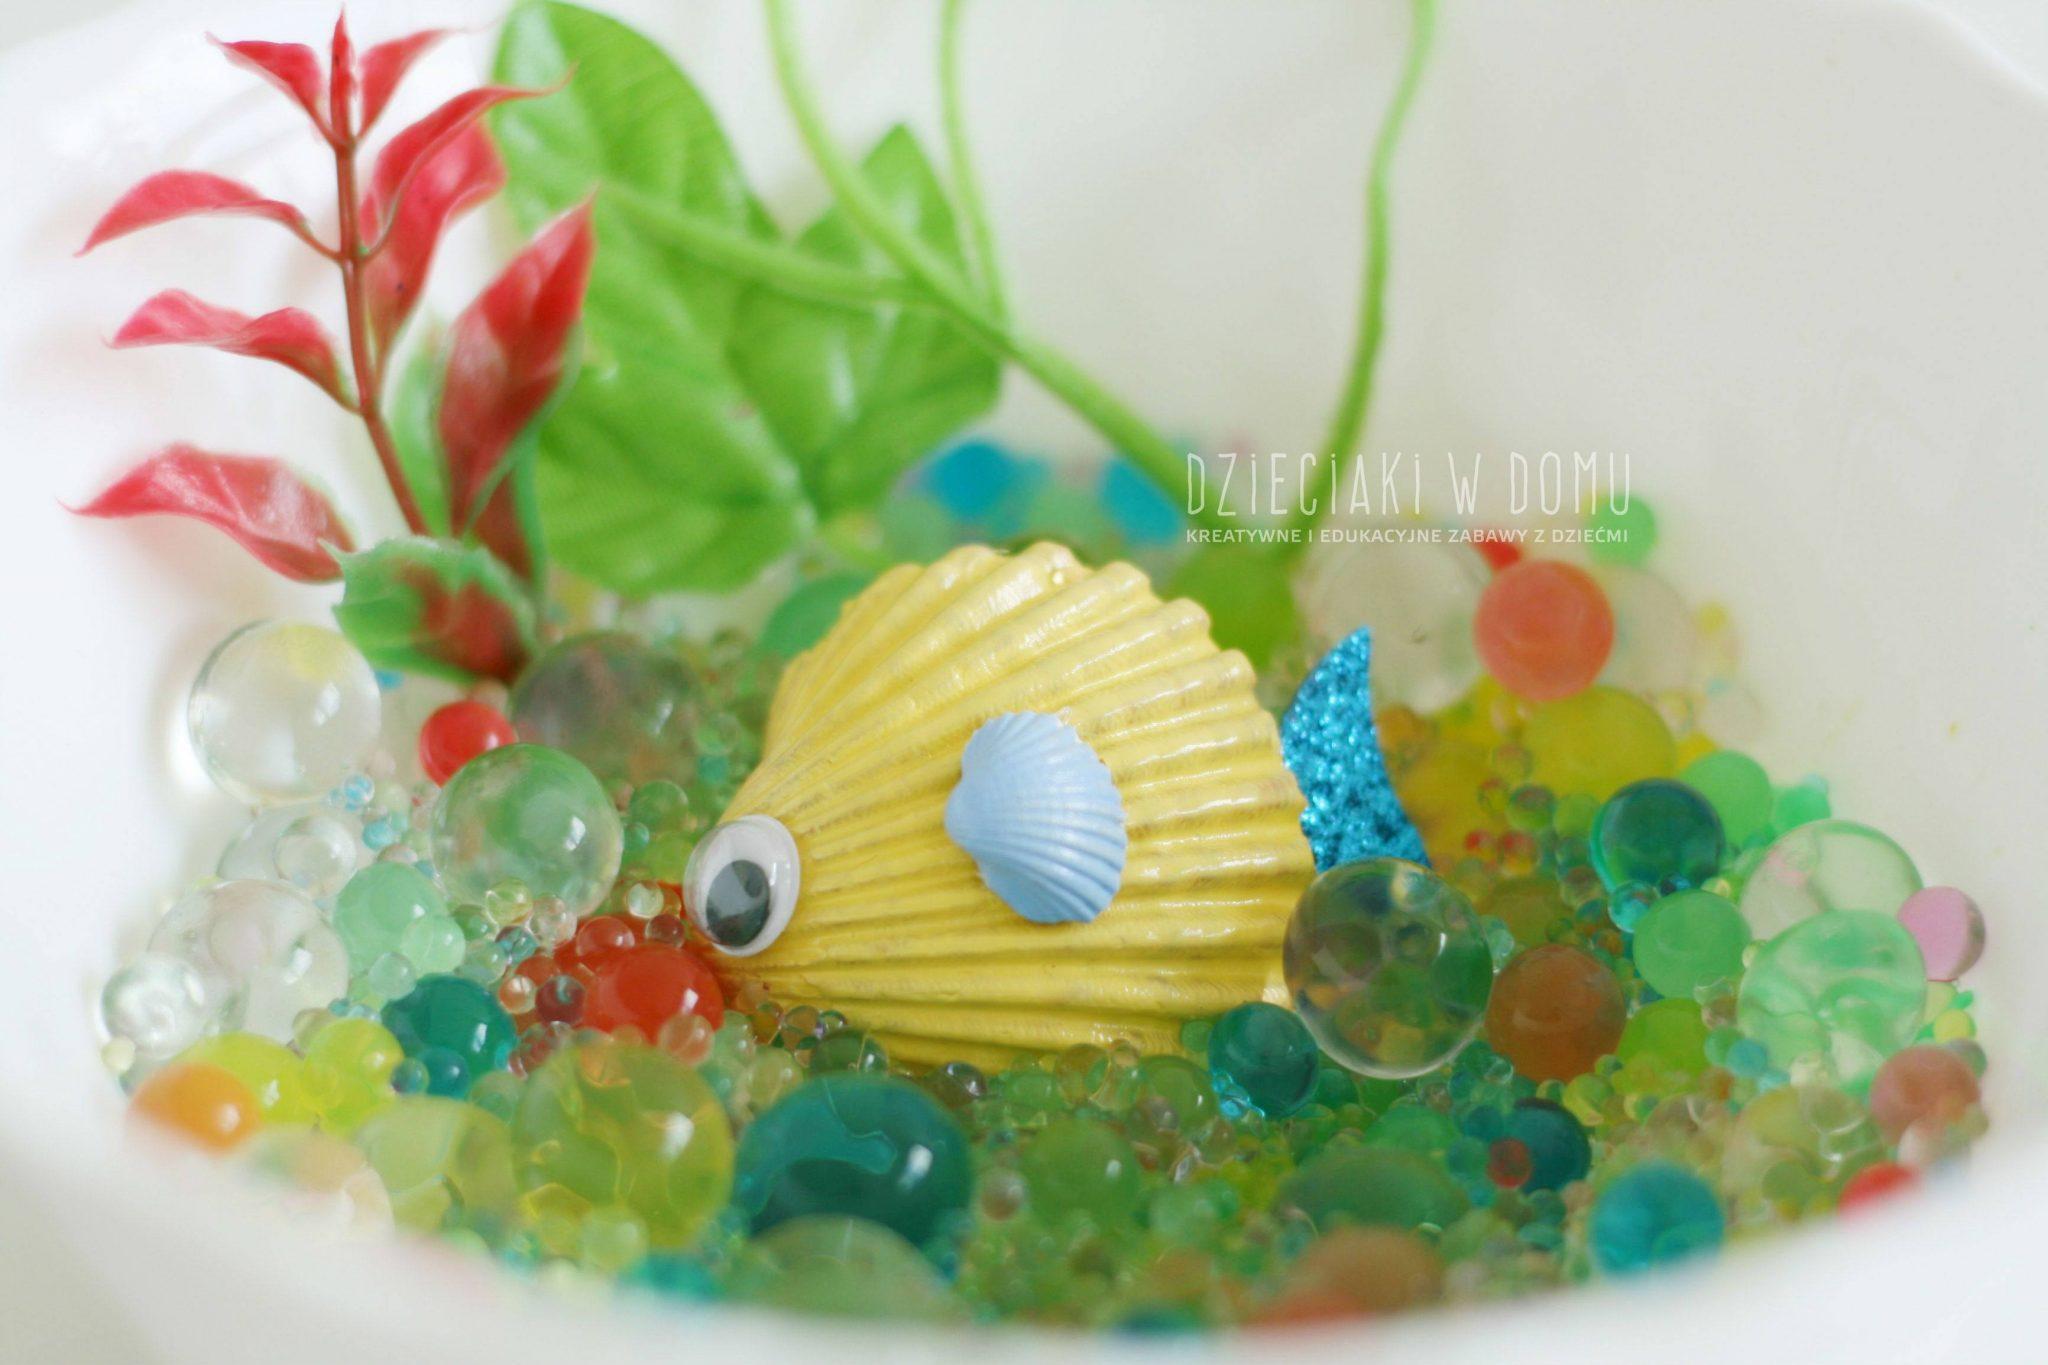 rybki z muszelek - krab, zolw, rybki - praca dla dzieci